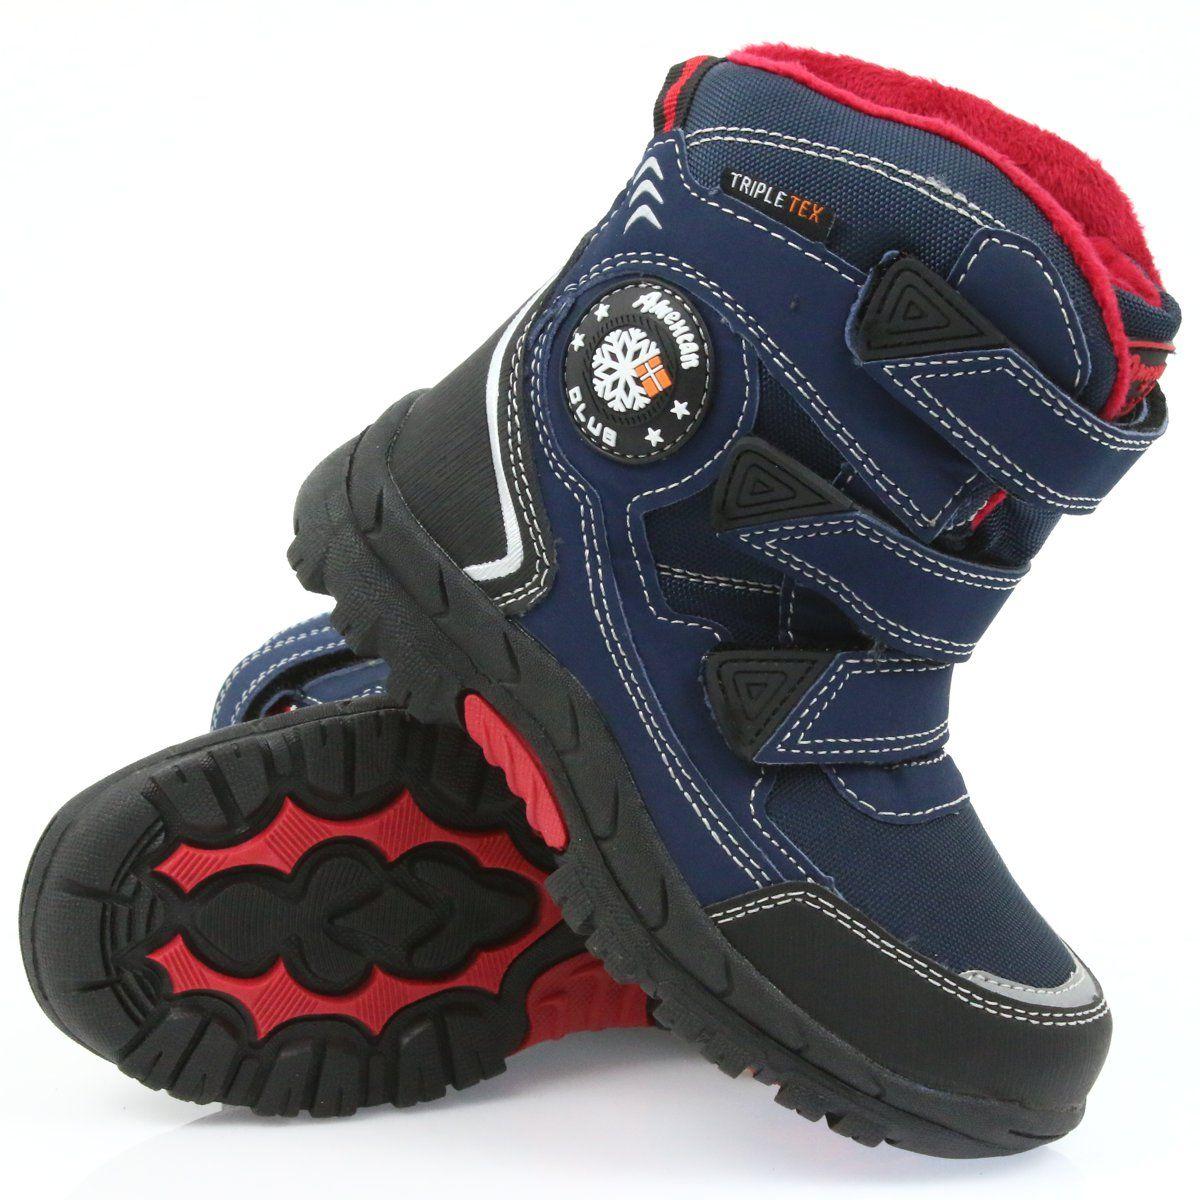 American Club American Kozaki Buty Zimowe Z Membrana 0926 Czarne Czerwone Granatowe Boots Winter Boots Childrens Boots